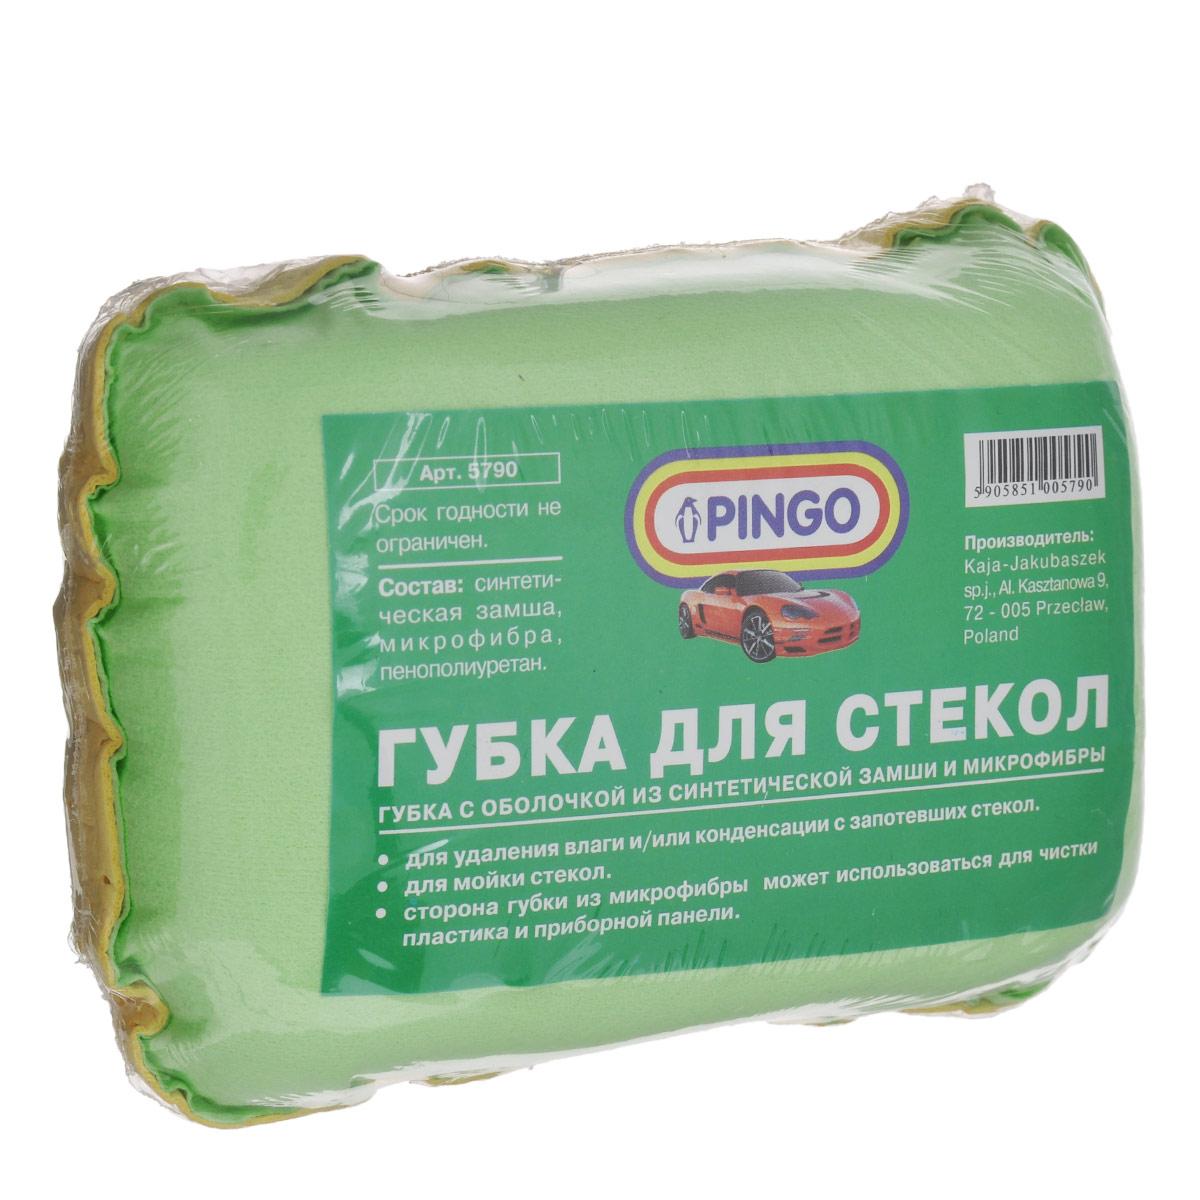 Губка для стекол Pingo, цвет: зеленый, желтый5790_зеленый, желтыйГубка для стекол Pingo изготовлена из пенополиуретана с оболочкой из синтетической замши и микрофибры. Губка предназначена для удаления влаги или конденсации с запотевших стекол, для мойки стекол. Сторона губки из микрофибры может использоваться для чистки пластика и приборной панели.